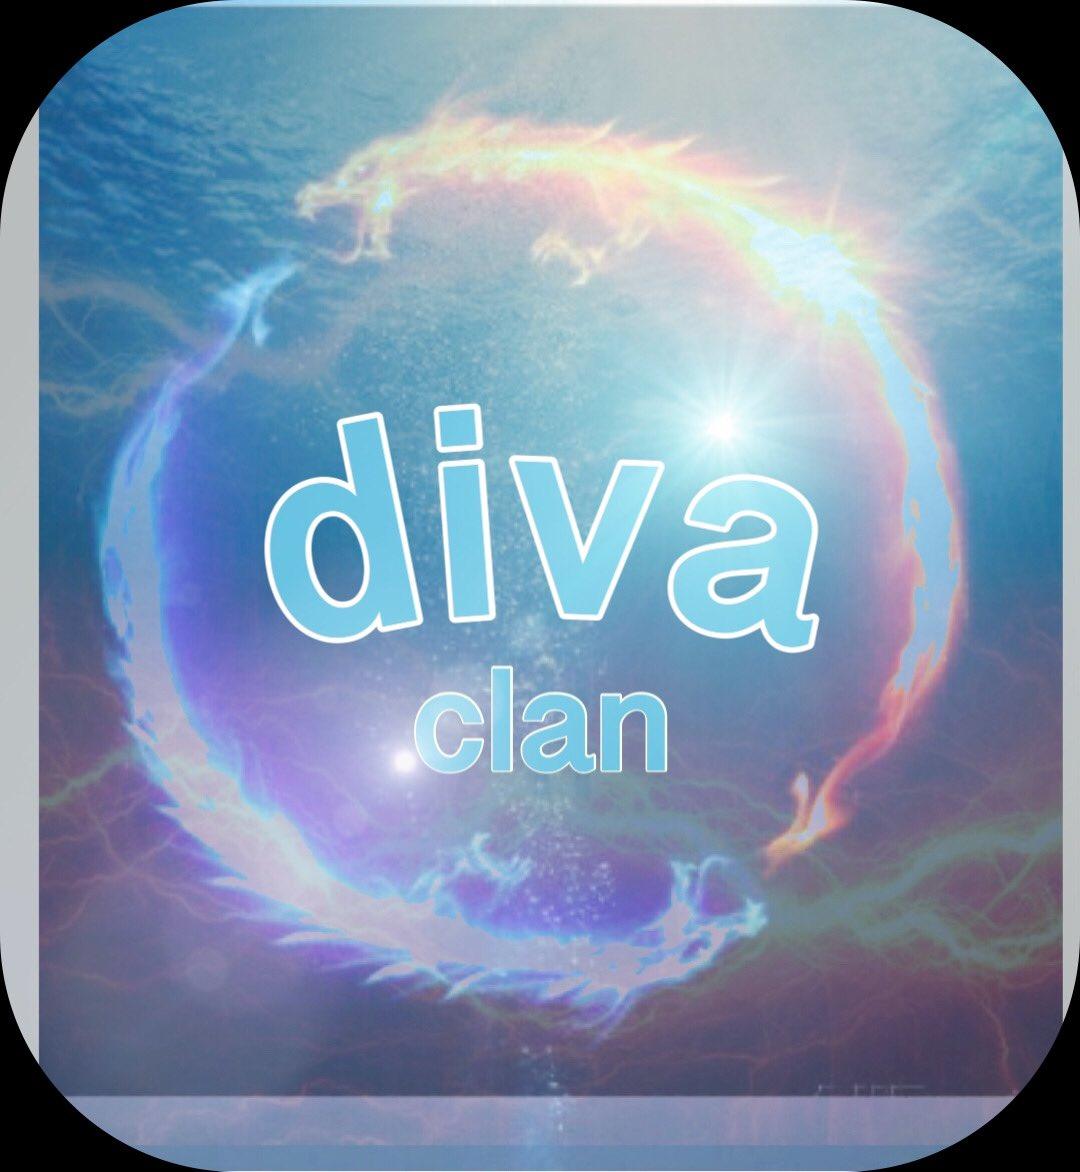 色んなの作ってみた笑笑 @diva_102pic.twitter.com/d9pKwGaiaF